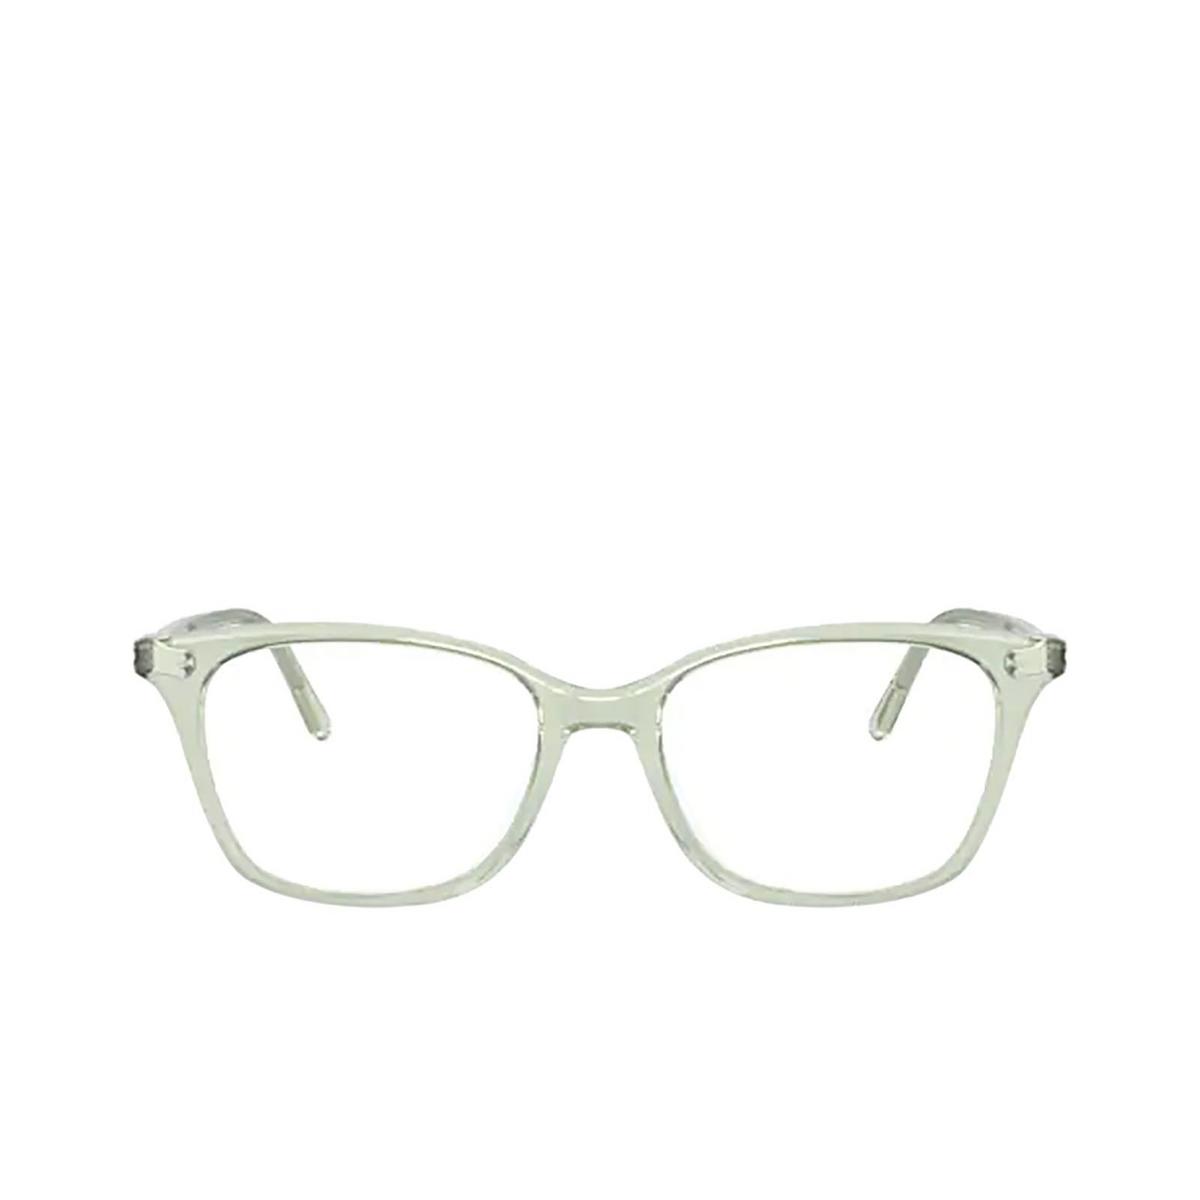 Oliver Peoples® Square Eyeglasses: Addilyn OV5438U color Washed Sage 1640 - front view.